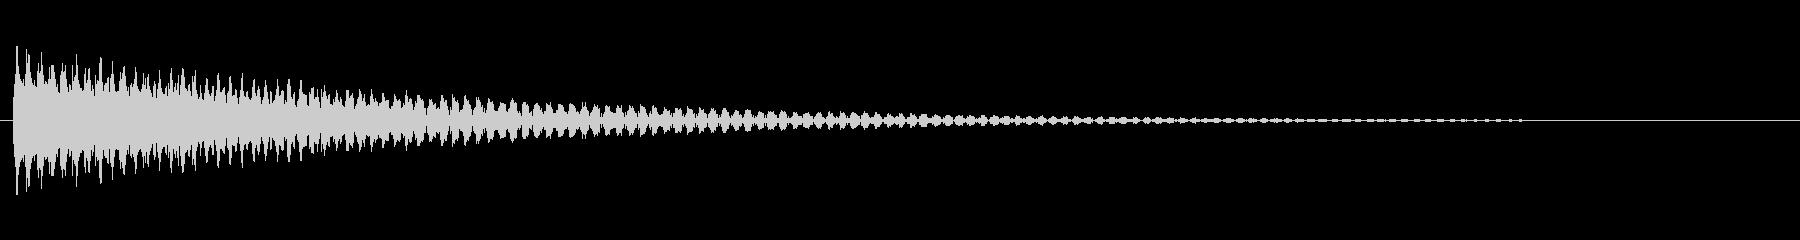 複数のシンセがピッチで落ちるテクス...の未再生の波形